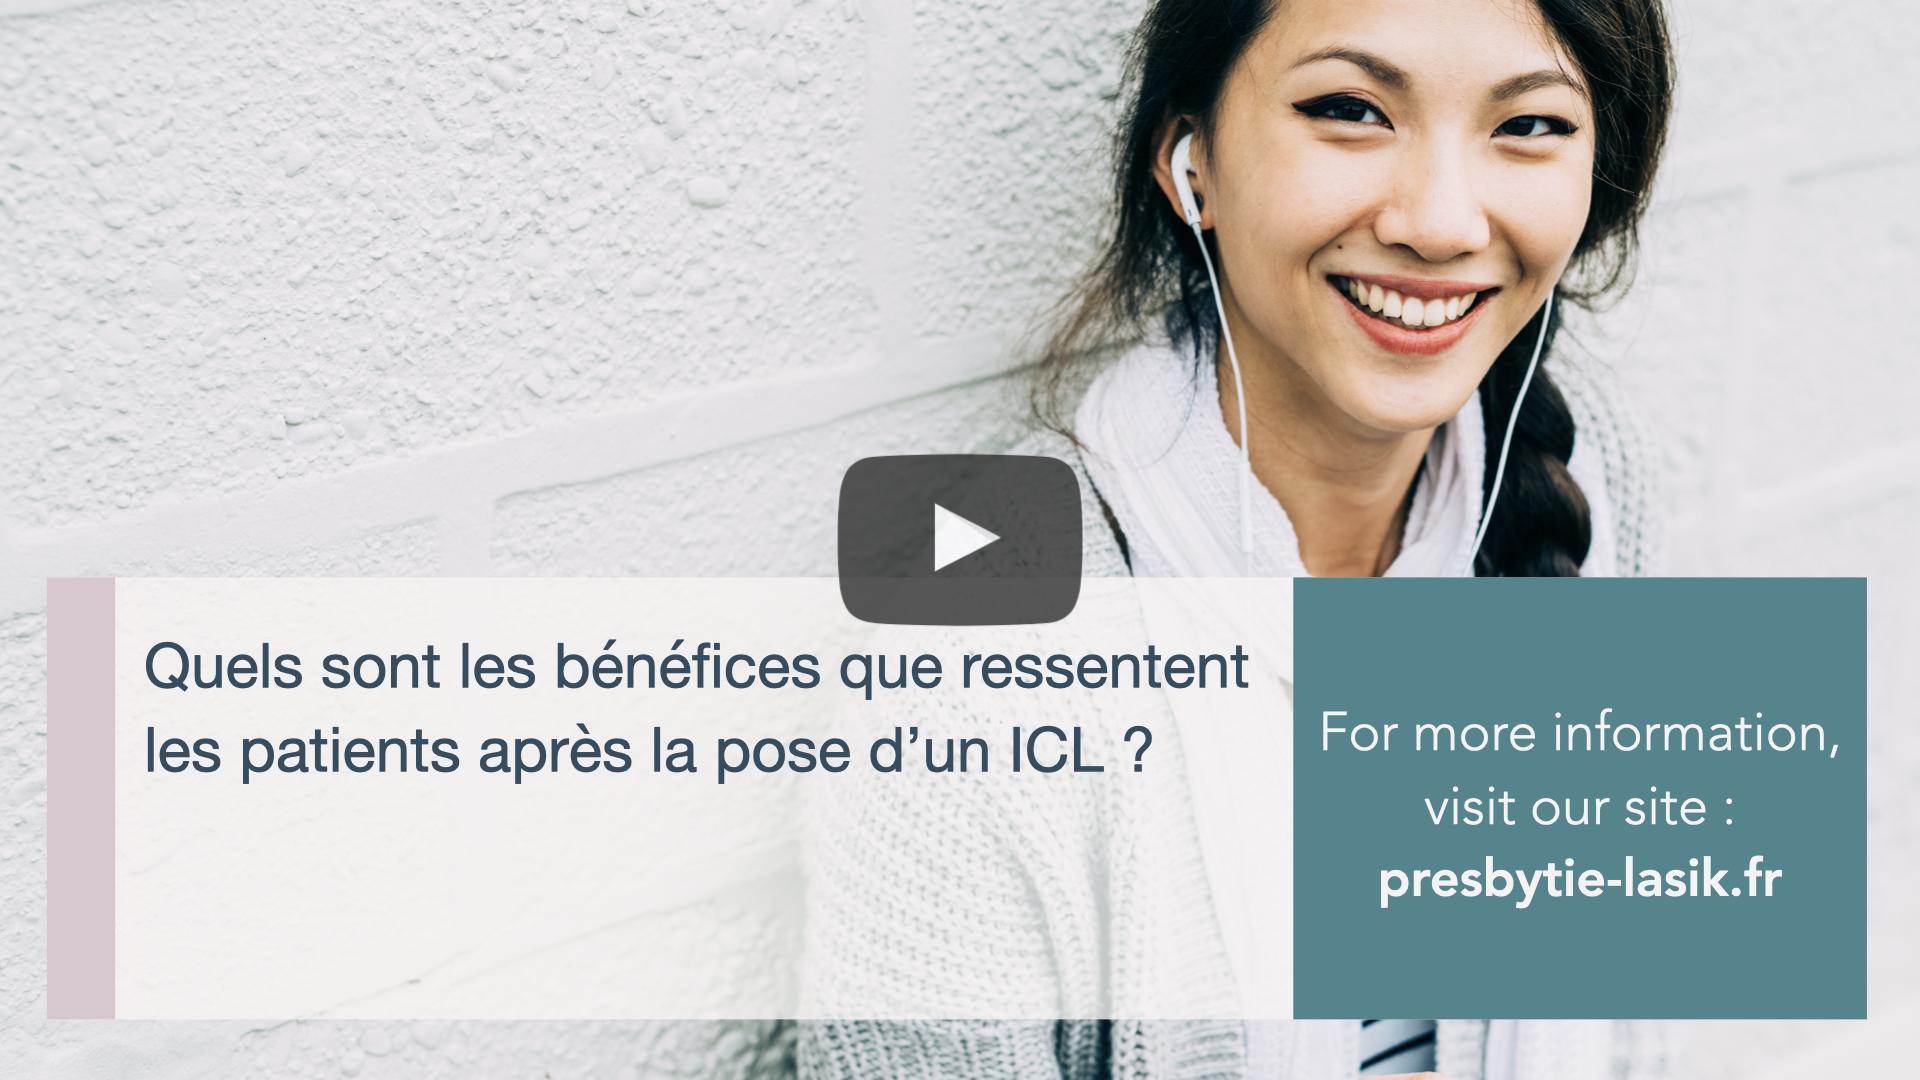 Quels sont les bénéfices que ressentent les patients après la pose dun ICL- Catherine-Albou-Ganem-Clinique-de-la-Vision-Paris